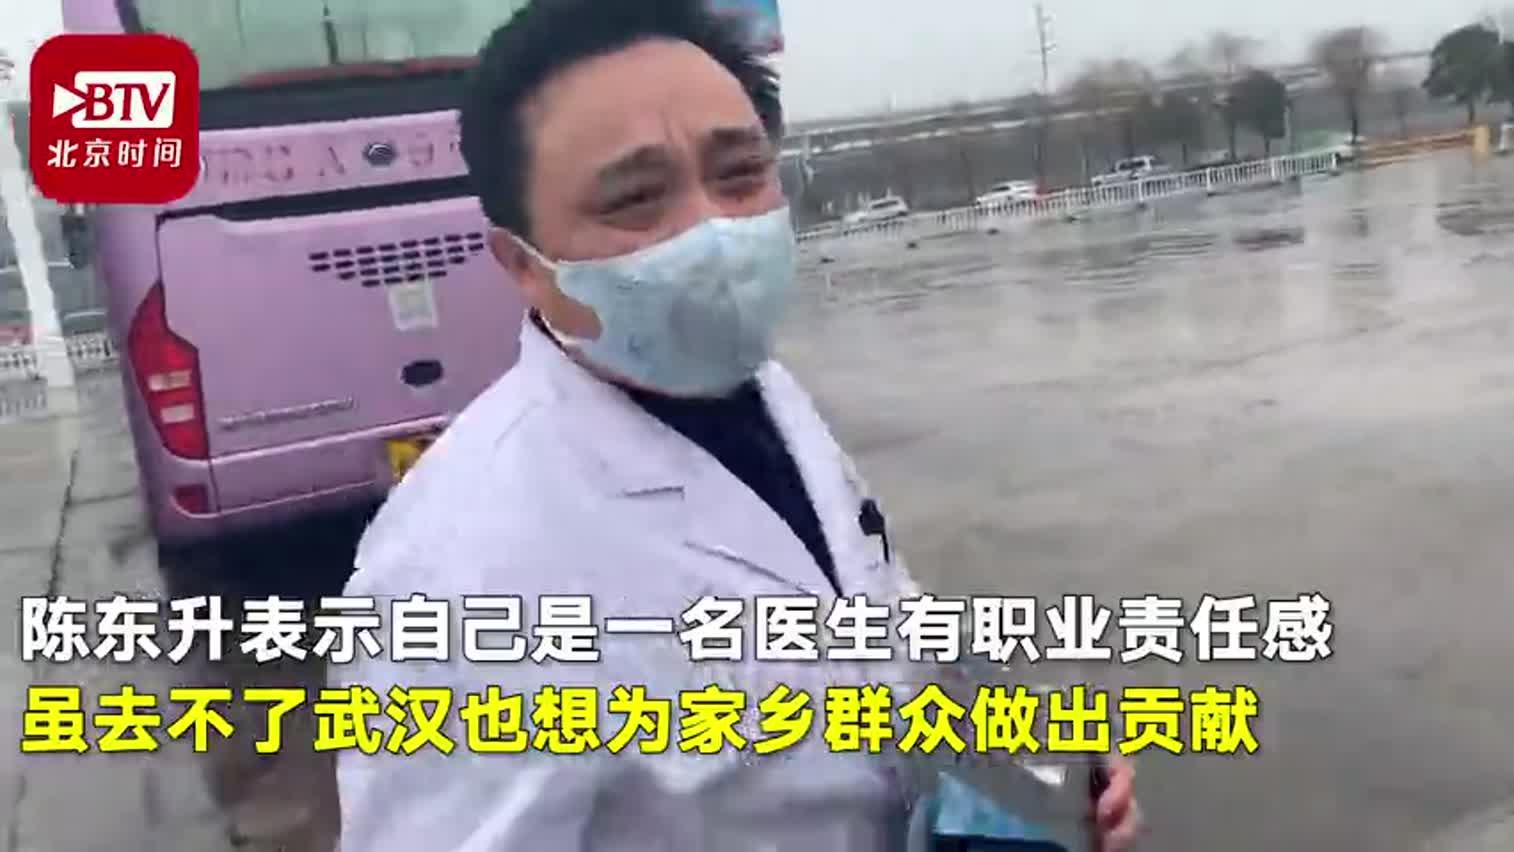 河南诊所大夫自费万元买口罩送市平易近:去不了武汉 就为故乡做点供献